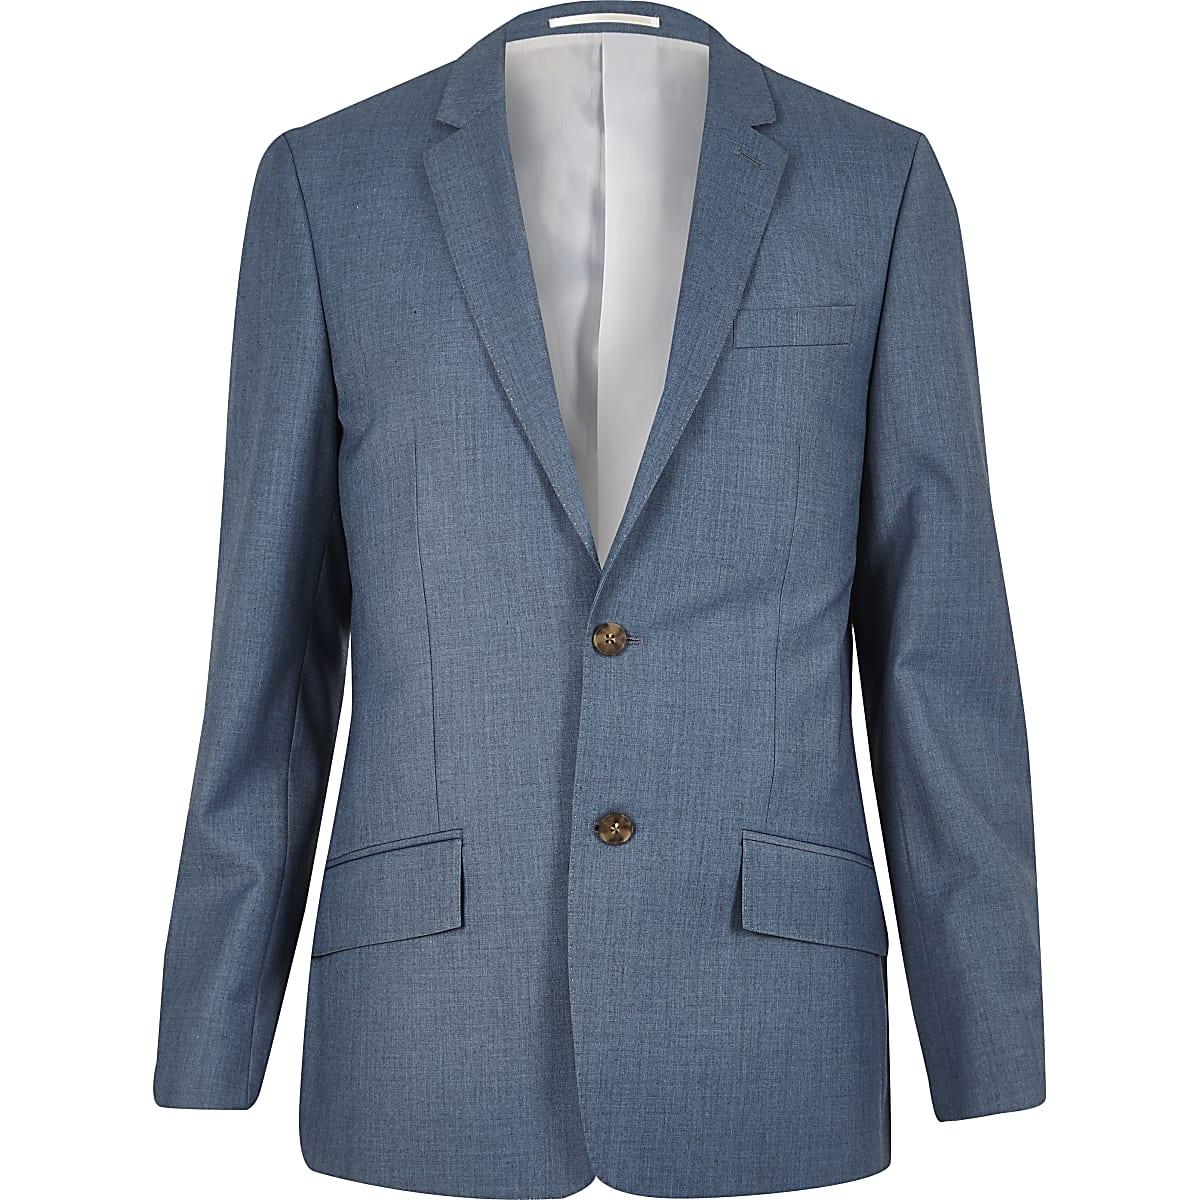 Light blue slim fit suit jacket